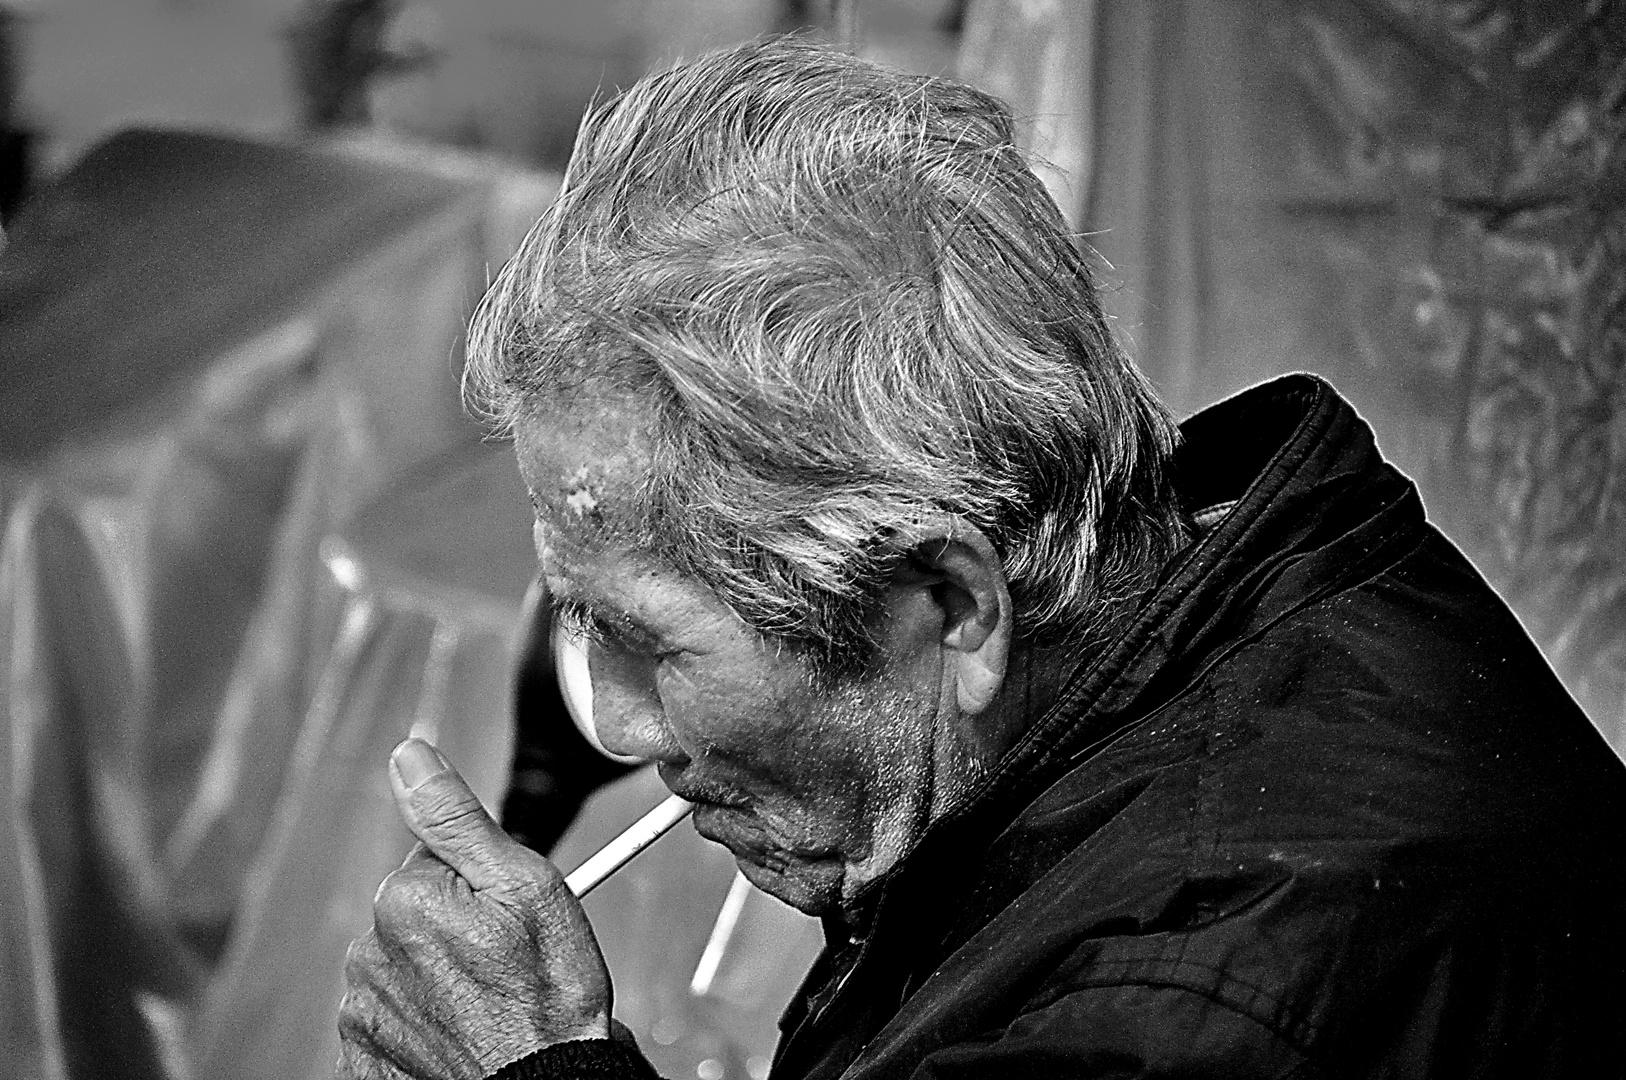 Taiwanese smoker